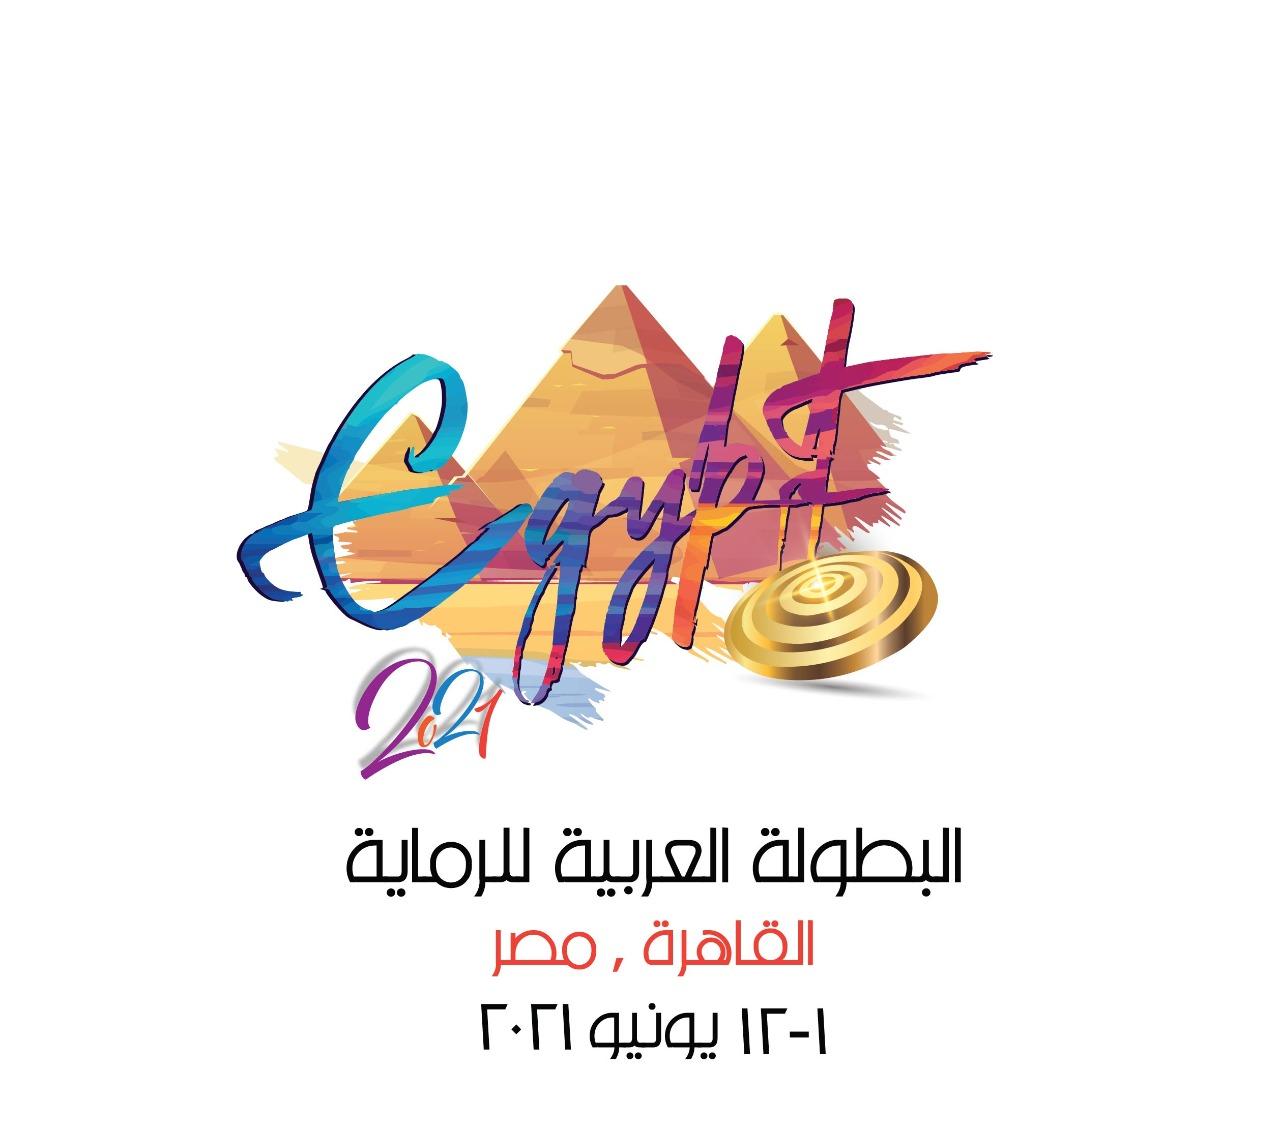 بمشاركة 300 رام ورامية من 12 دولة مصر تستضيف البطولة العربية للرماية